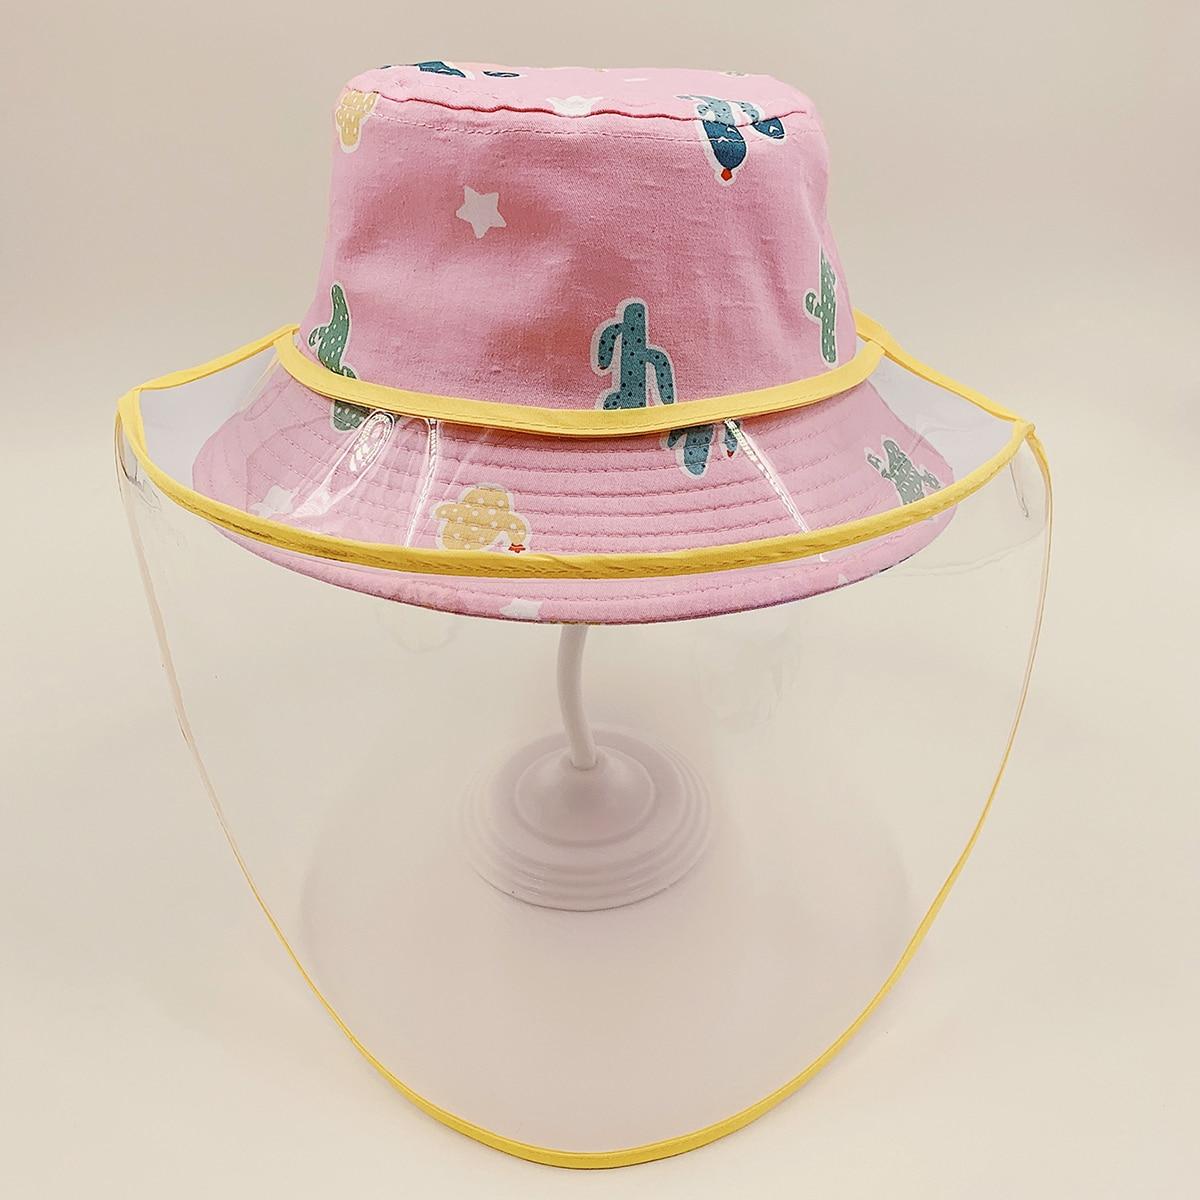 Съемная шляпа с узором для девочек фото